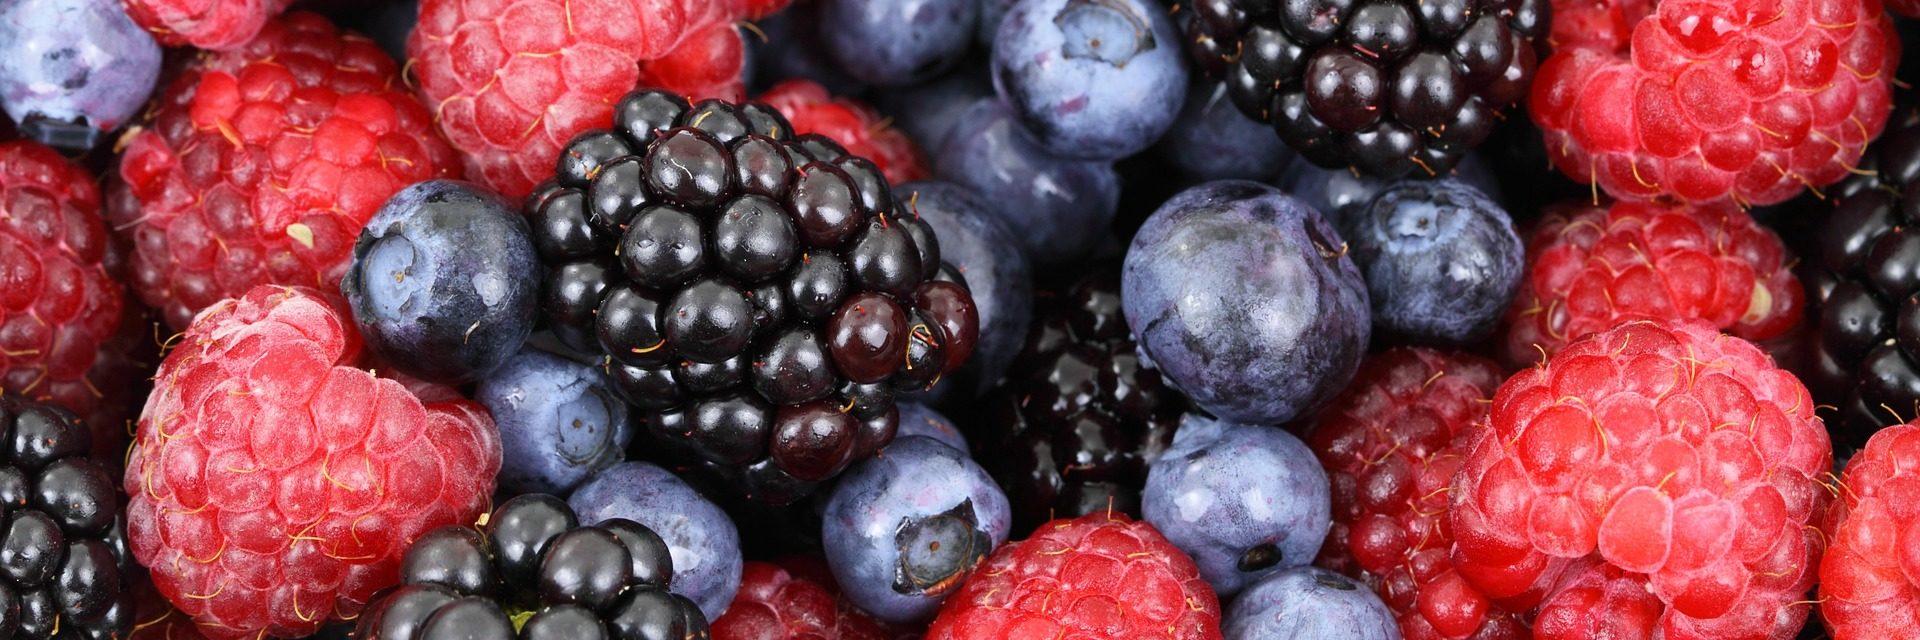 Punnet of berries